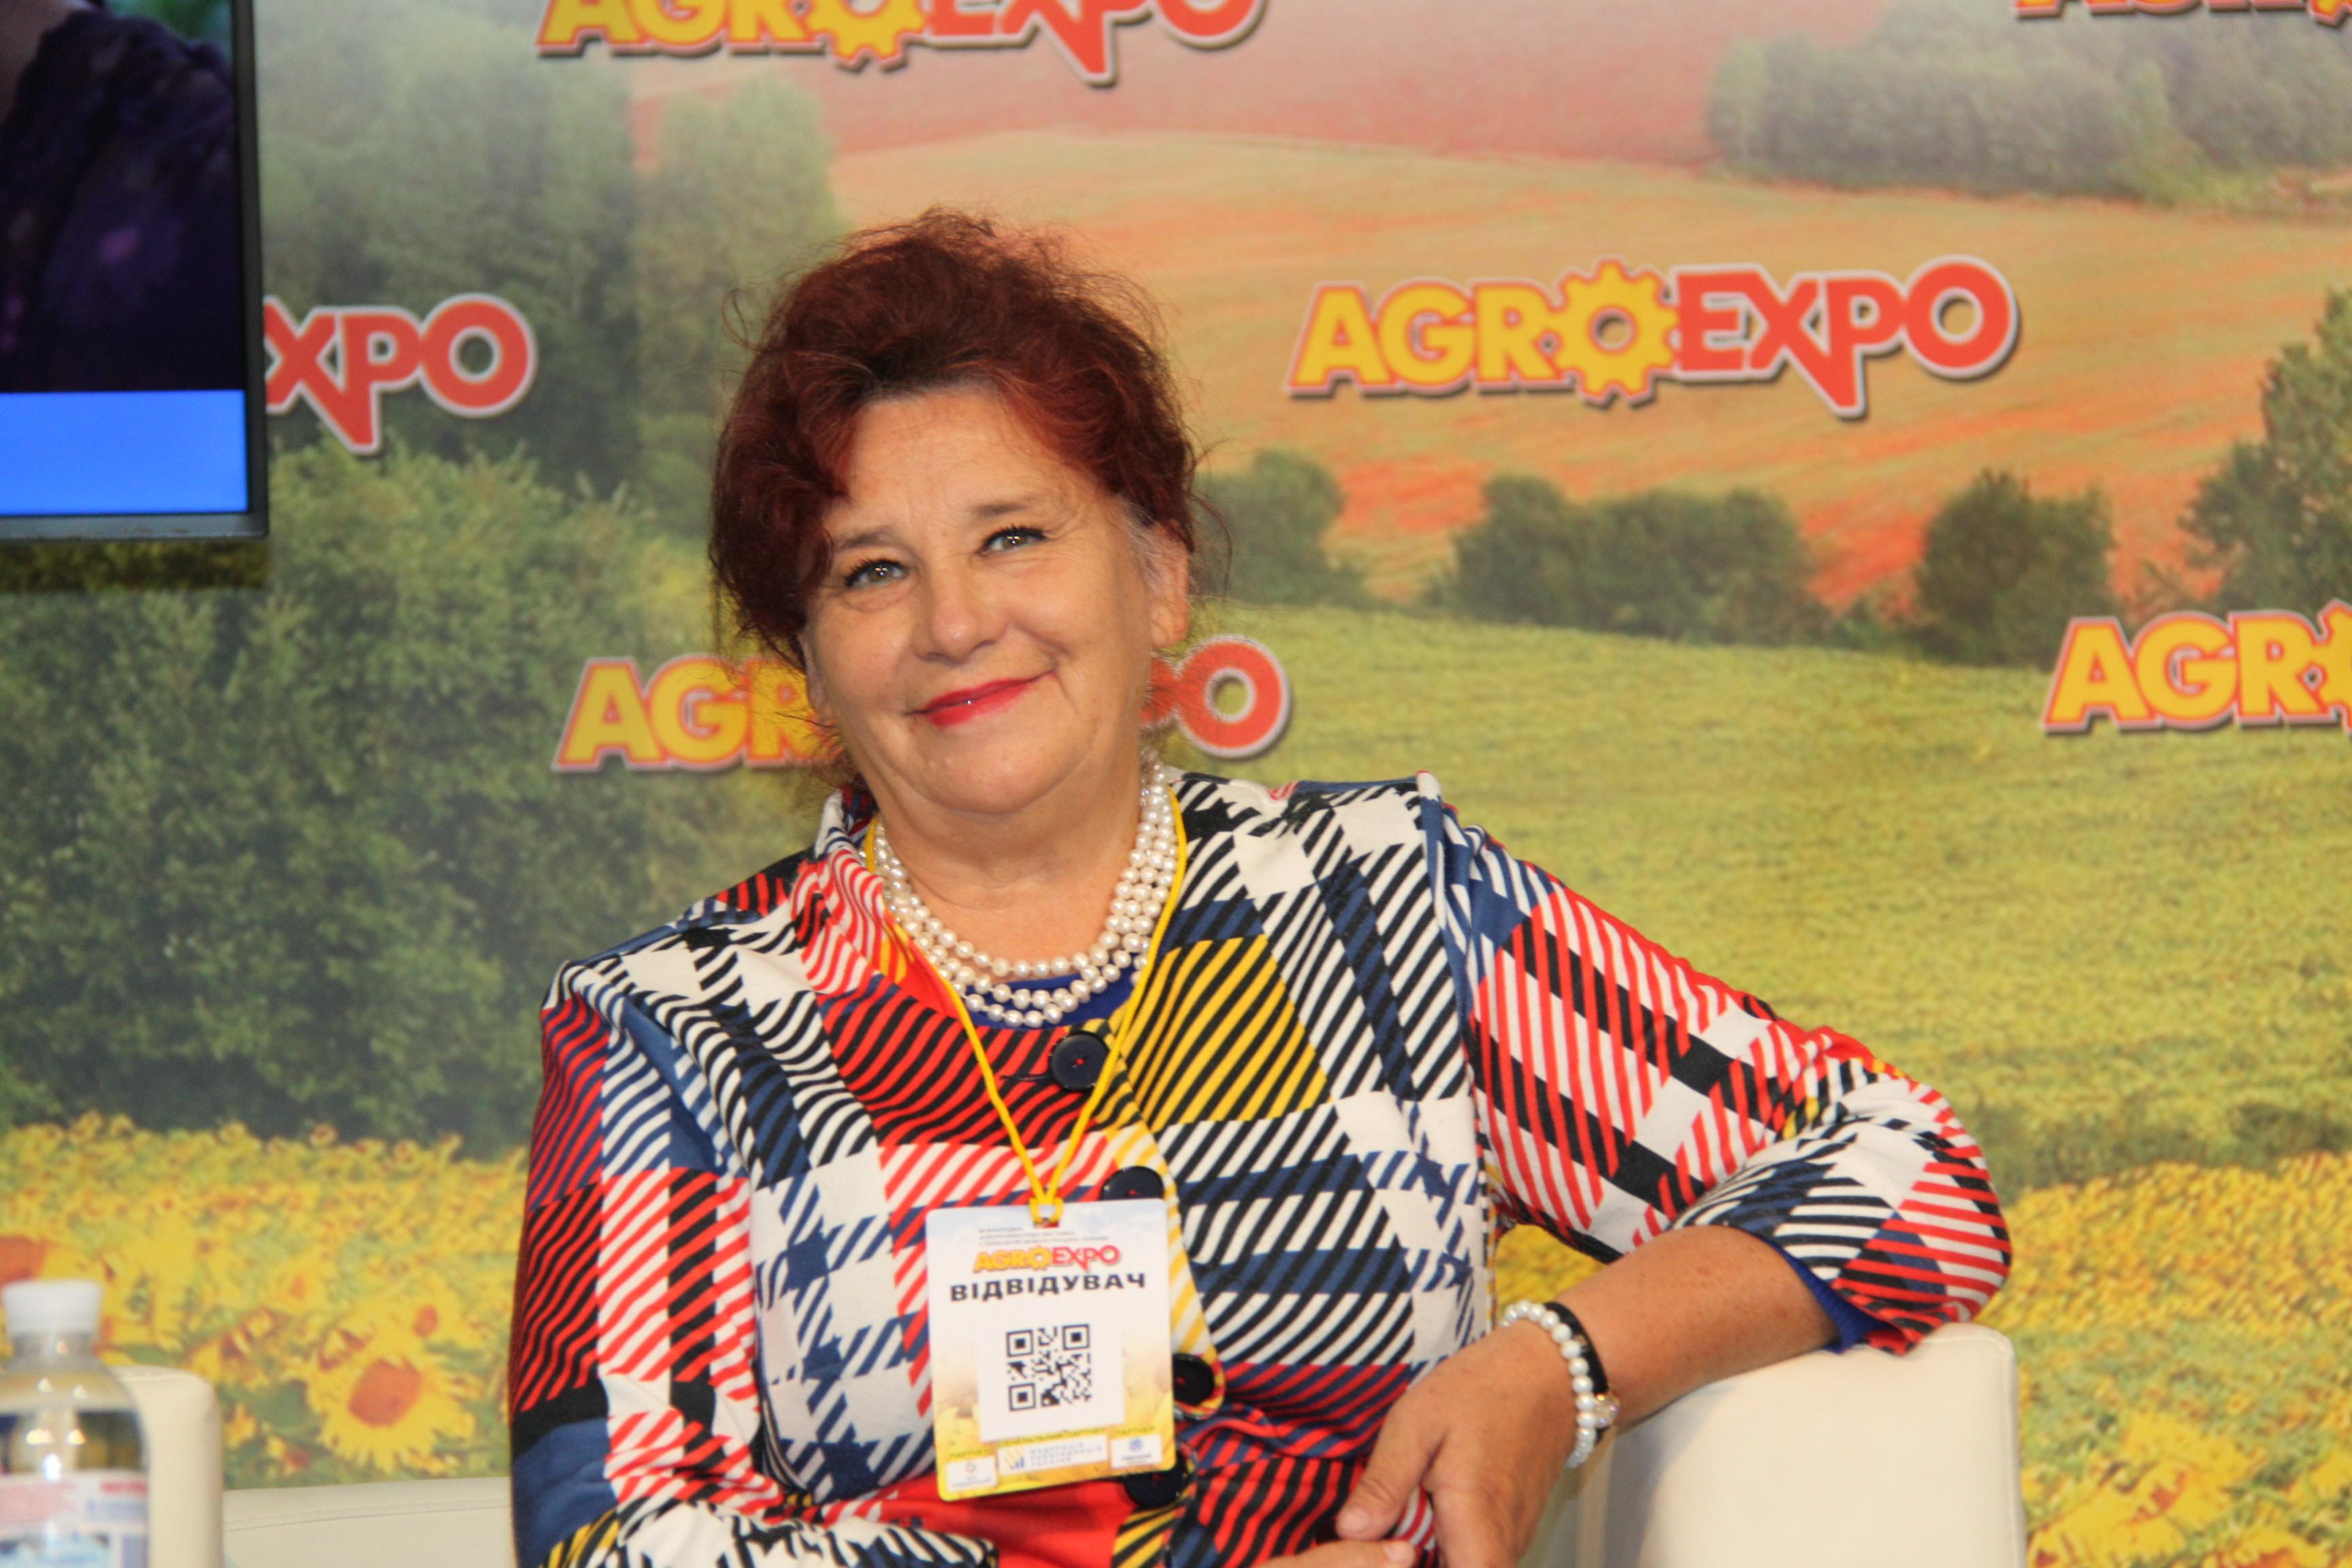 Представниці українського агробізнесу обговорили питання ґендерної рівності в галузі